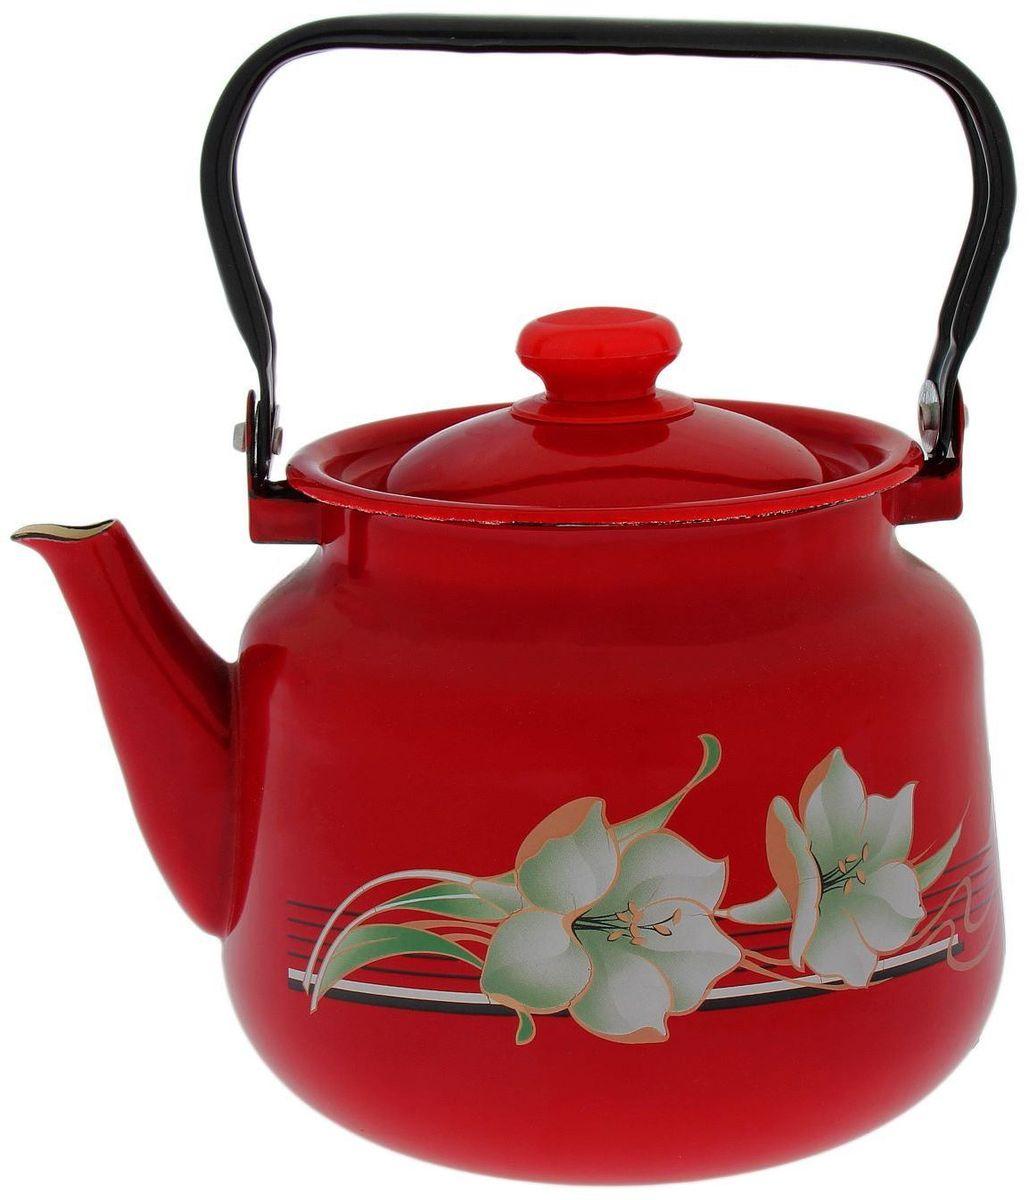 Чайник Epos Темно-красная лилия, 3,5 л115510Согласитесь, и профессиональному повару, и любителю поэкспериментировать на кухне, и тому, кто к стряпанью не имеет никакого отношения, не обойтись без элементарных предметов, столовые принадлежности, аксессуары для приготовления и хранения пищи — незаменимые вещи для всех, кто хочет порадовать свою семью аппетитными блюдами. Душевная атмосфера и со вкусом накрытый стол всегда будут собирать в вашем доме близких и друзей.